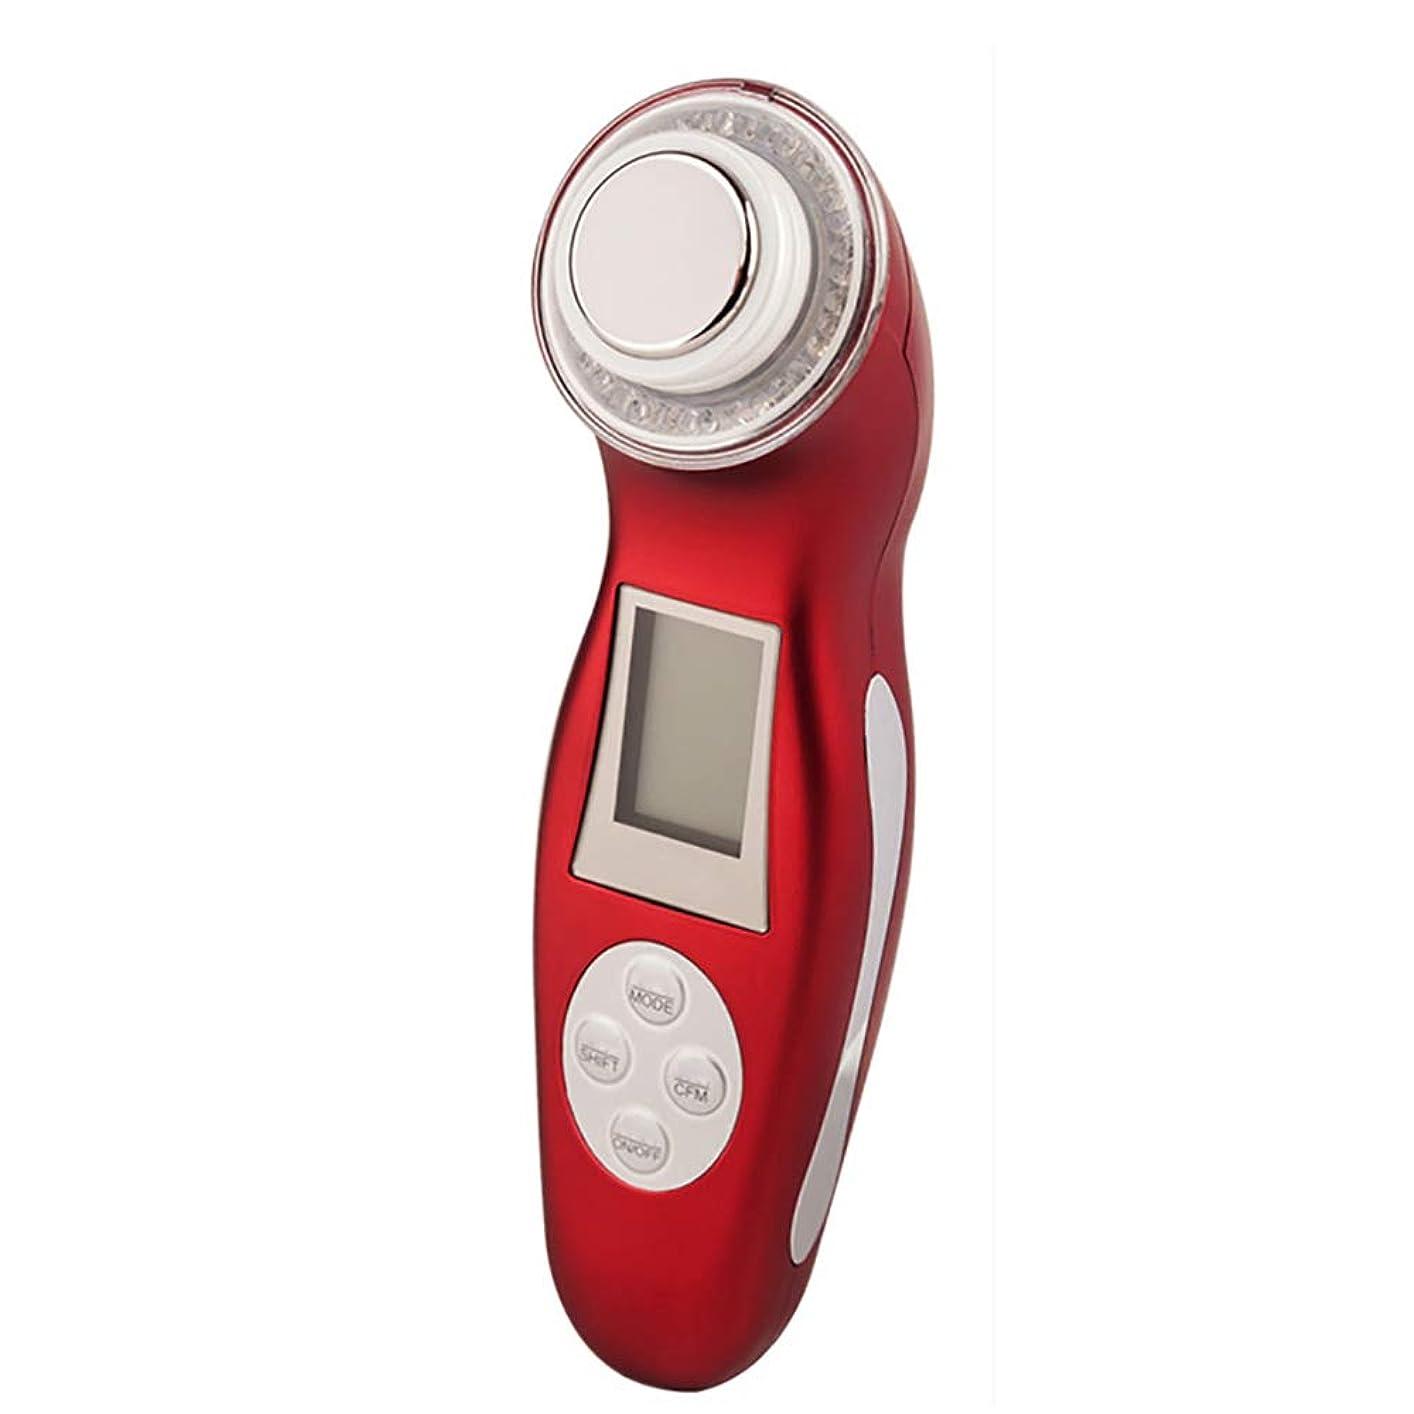 活性化する高齢者引っ張る引き締め美容装置3色光モードリフティングスキン、若返り顔マッサージしわ白くスキンケア器具,Red